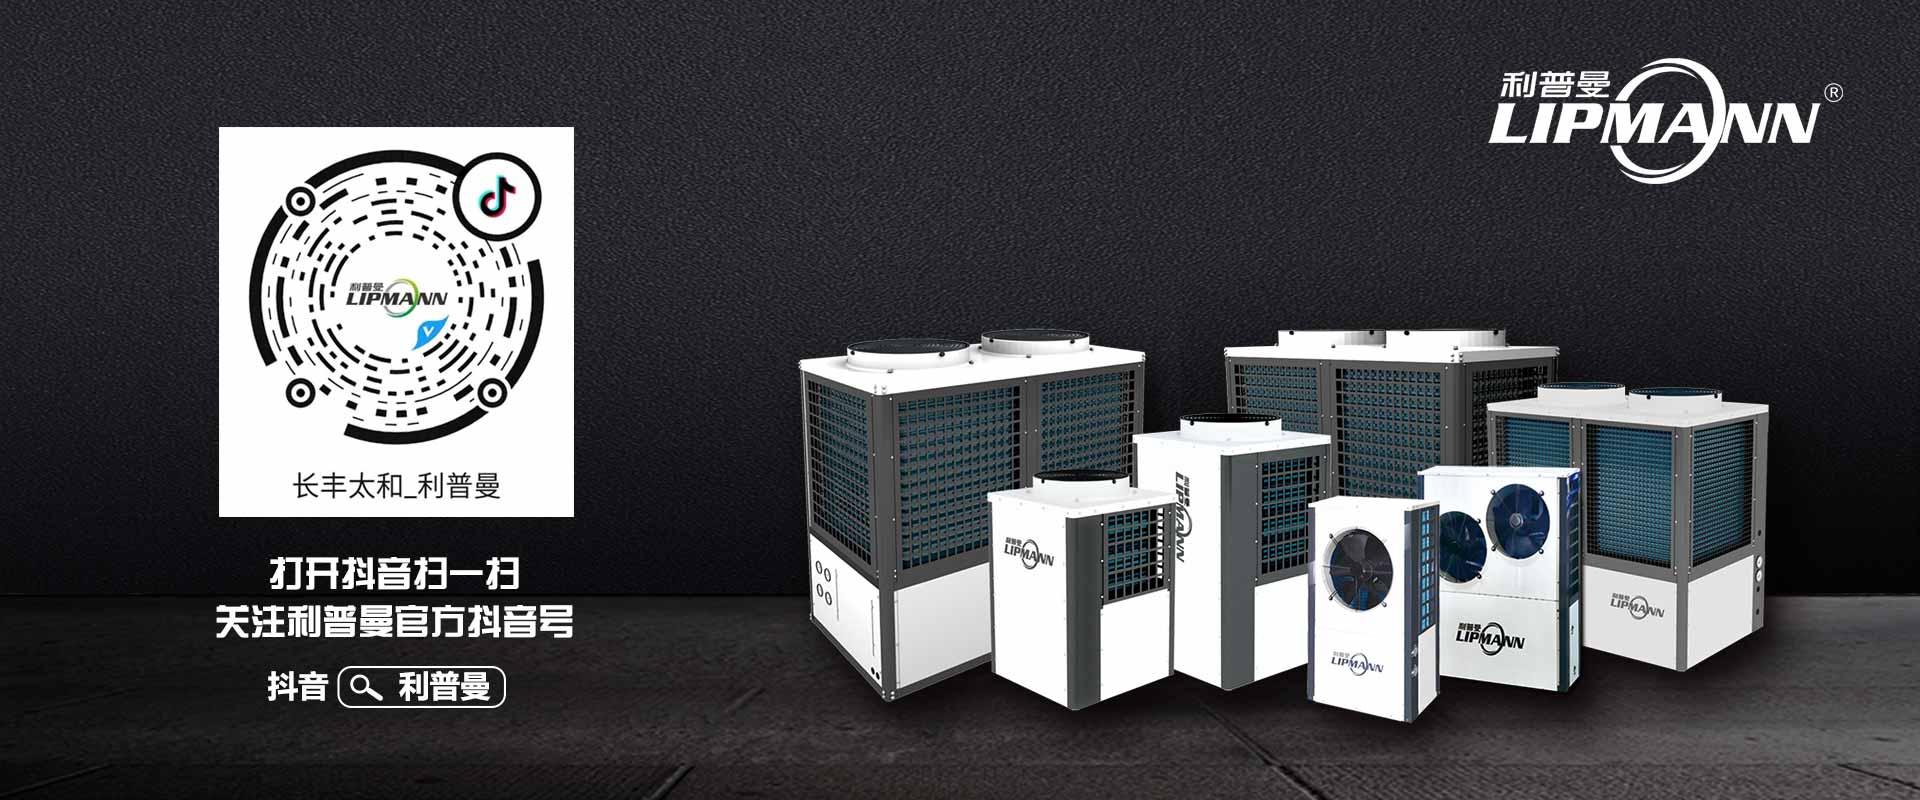 利普曼空气能热泵招商代理